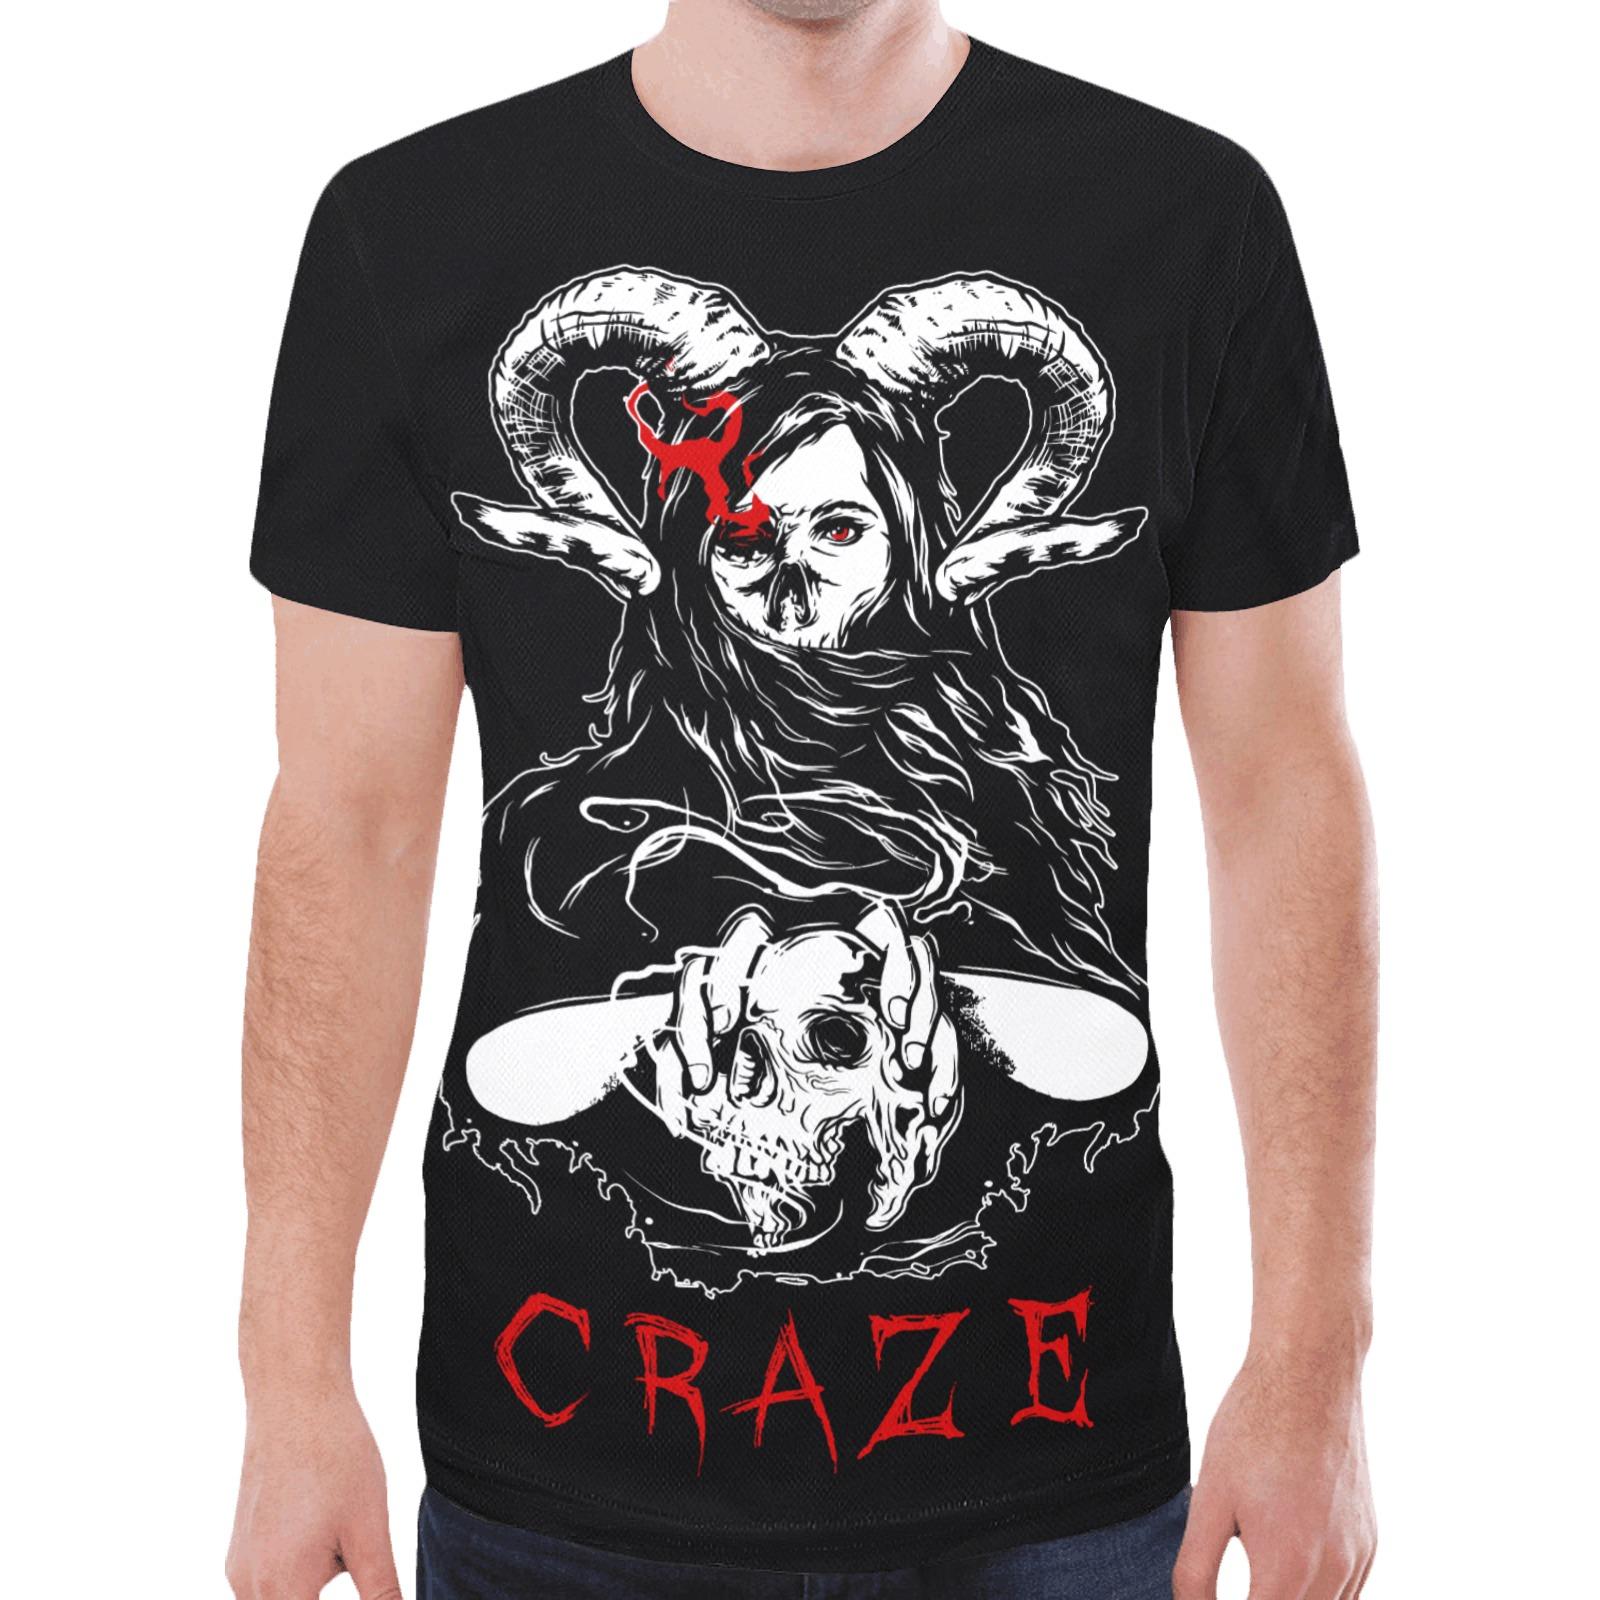 Critical Craze Fortune Teller New All Over Print T-shirt for Men (Model T45)